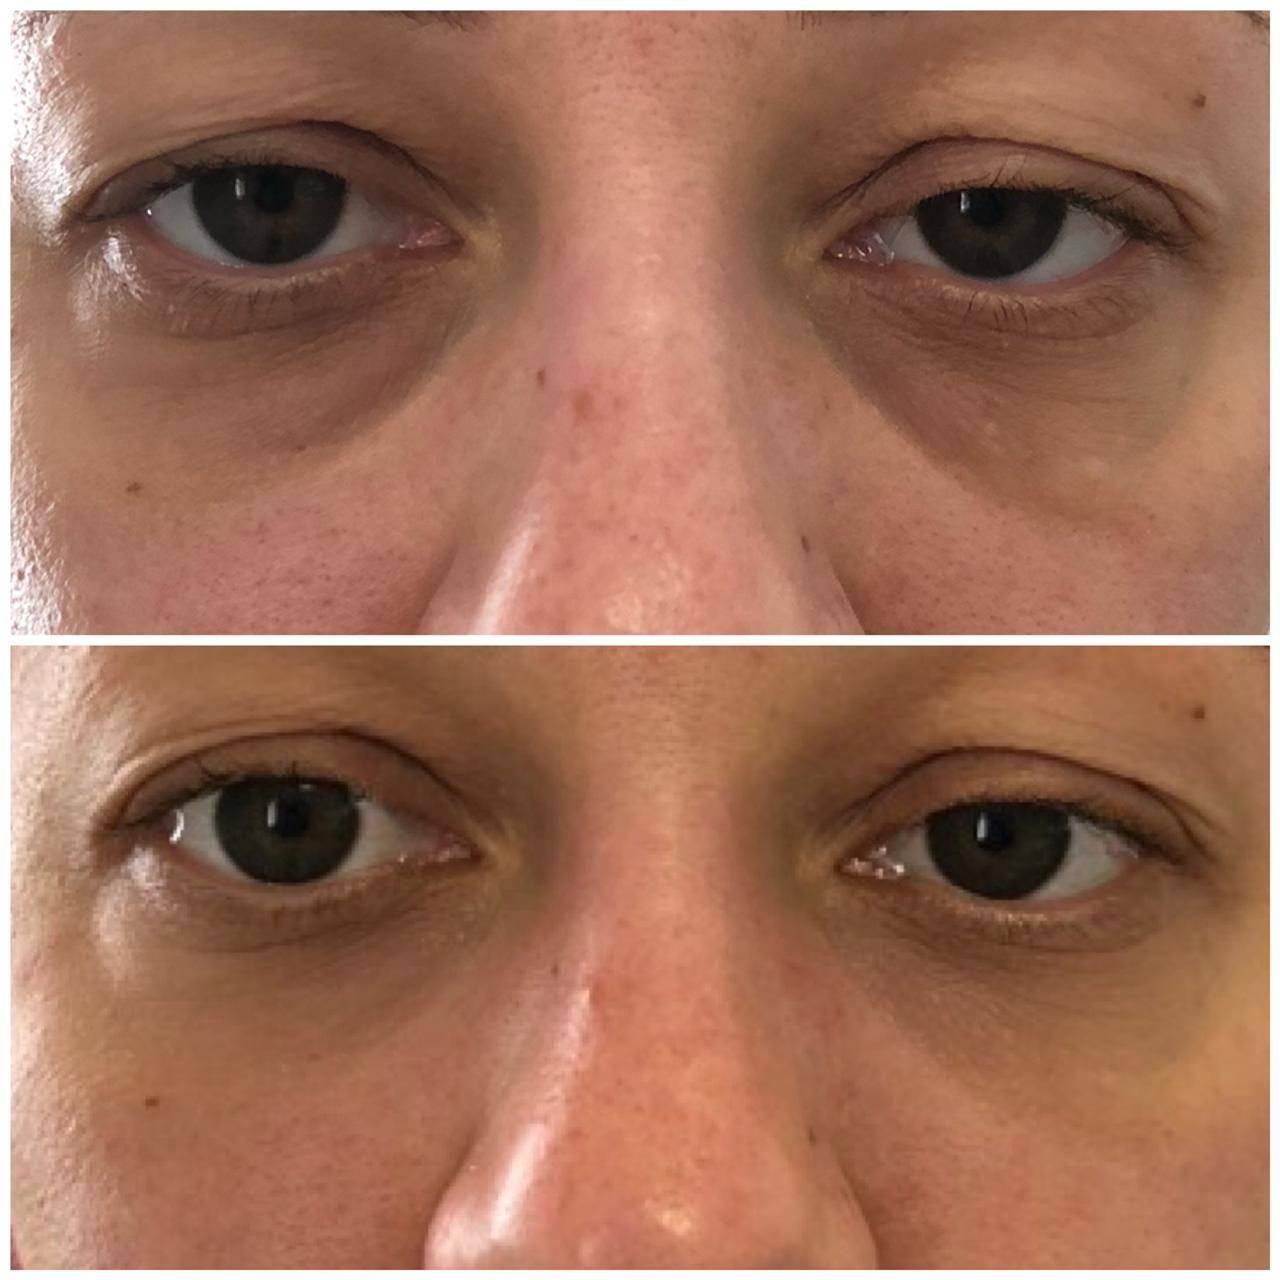 Коррекция носослезной борозды филлерами – отзывы, осложнения, фото